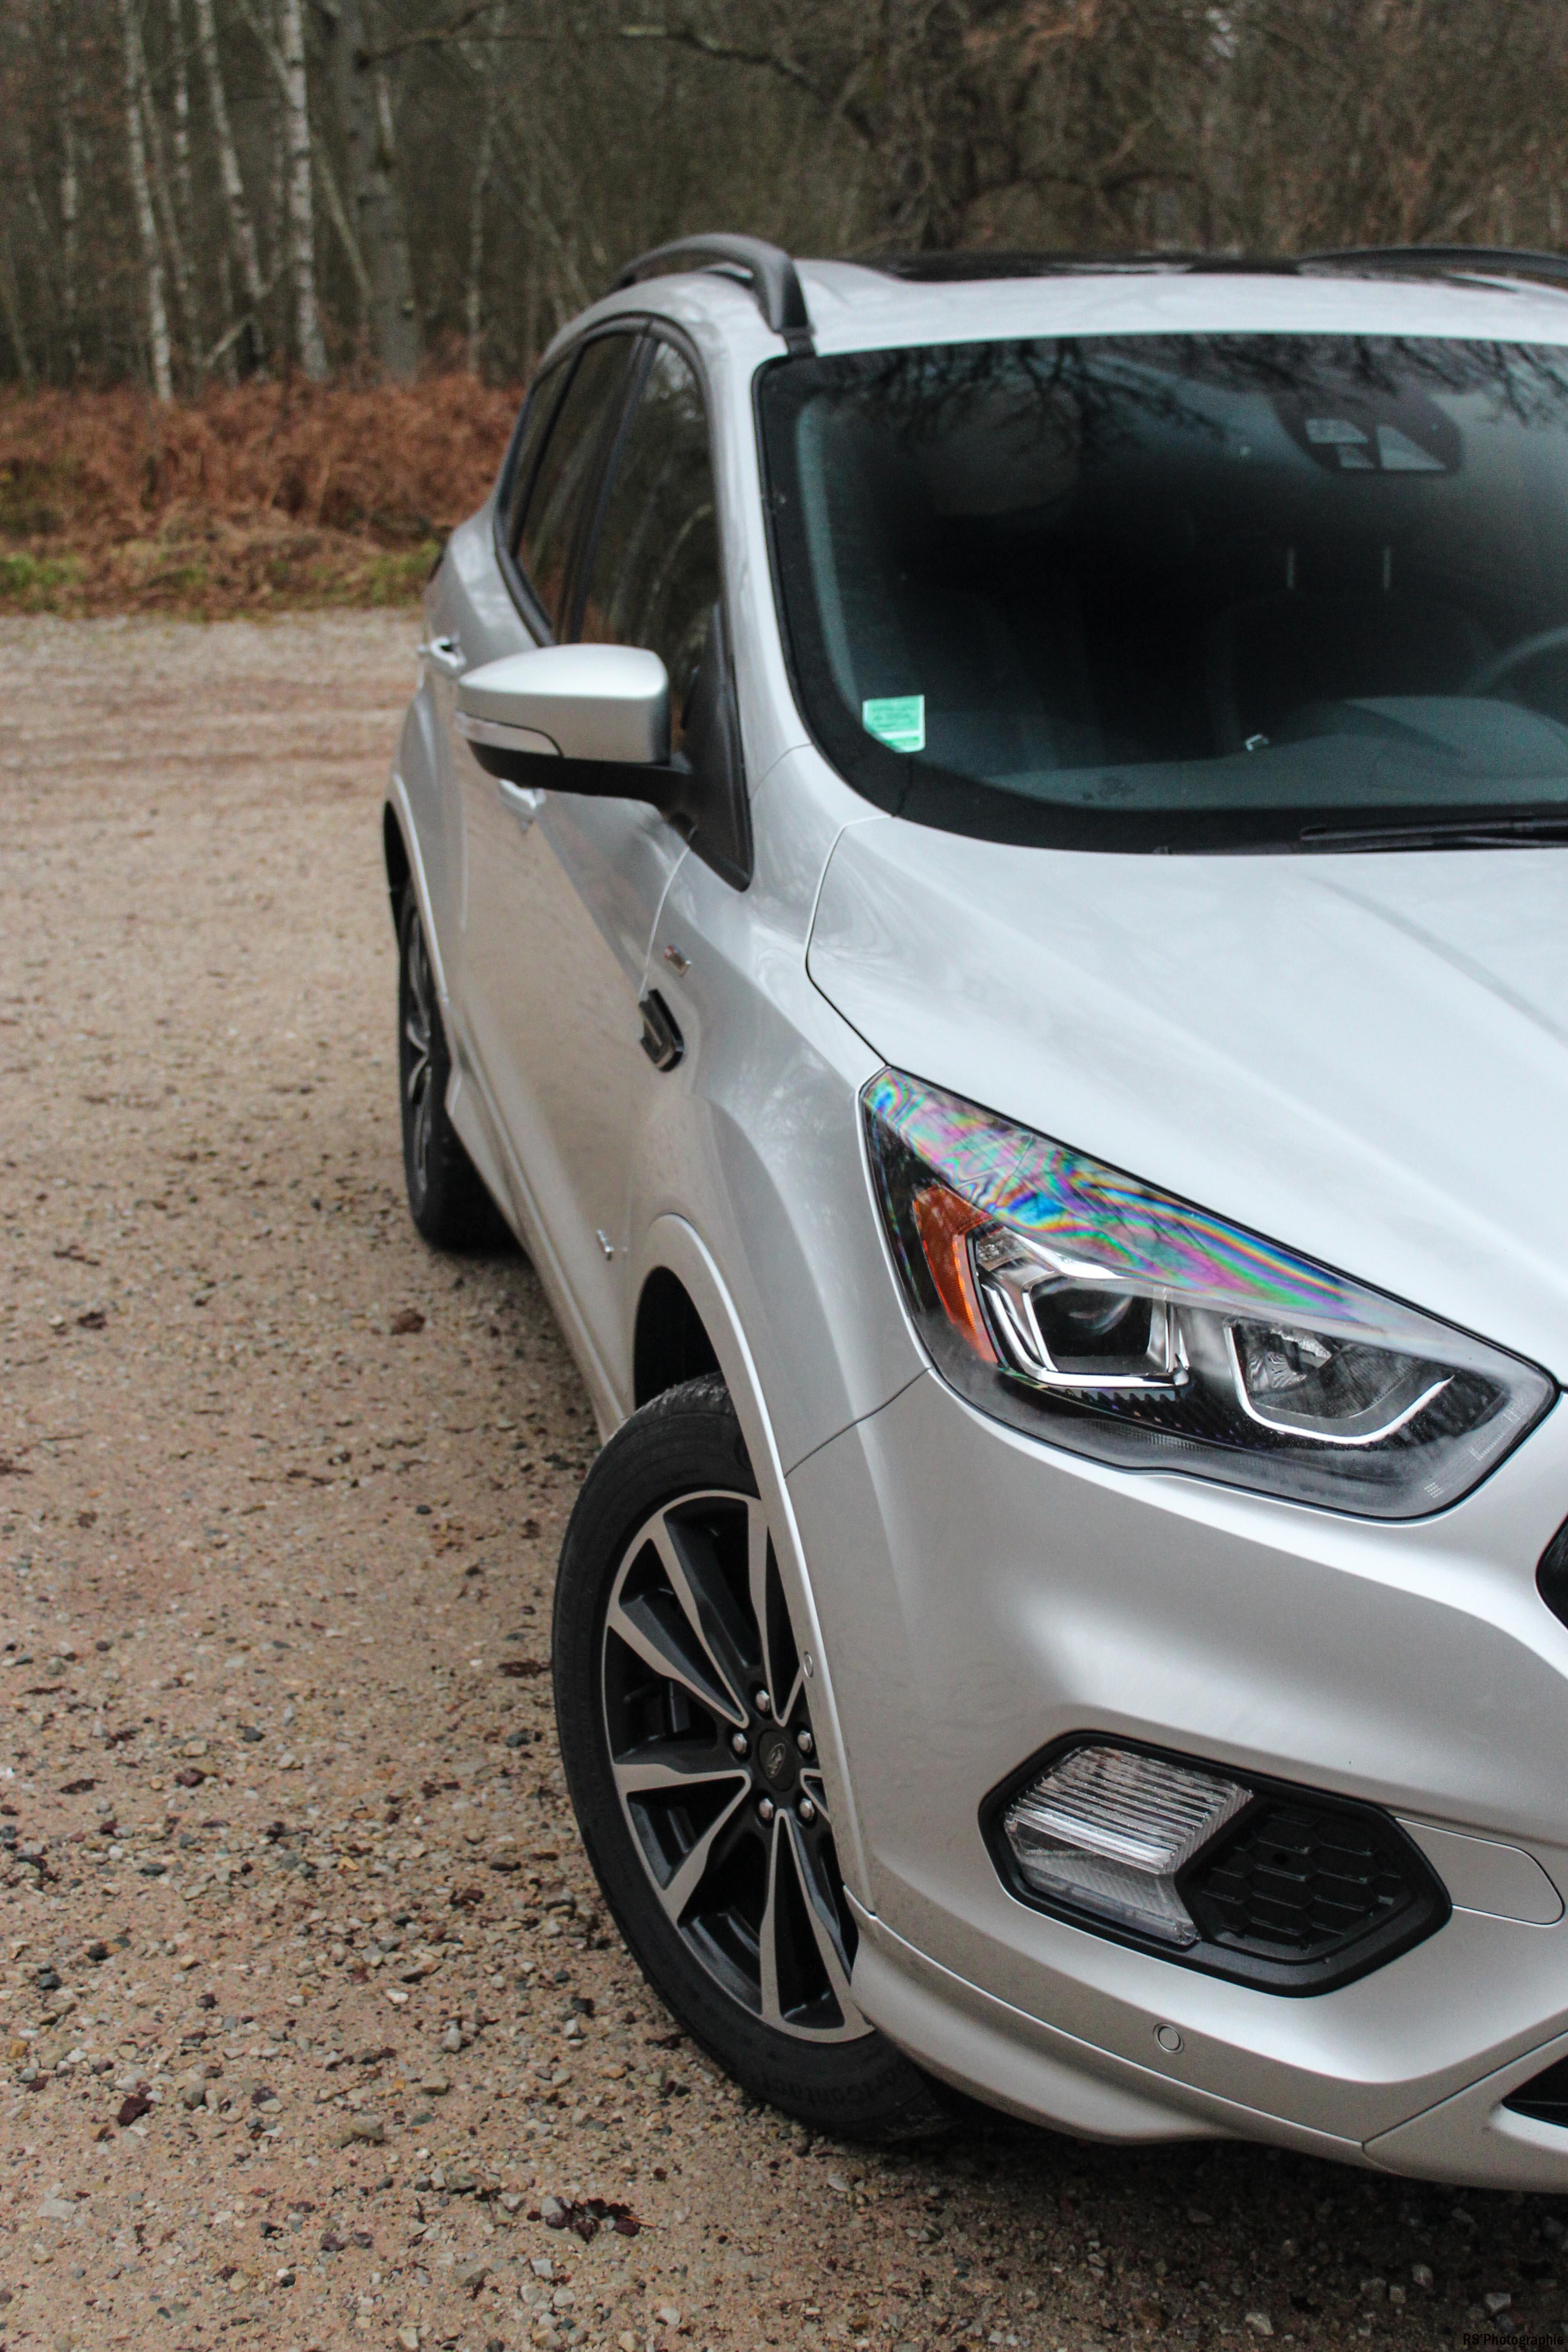 FordKuga2-ford-kuga-150-avant-front-arnaud-demasier-rsphotographie